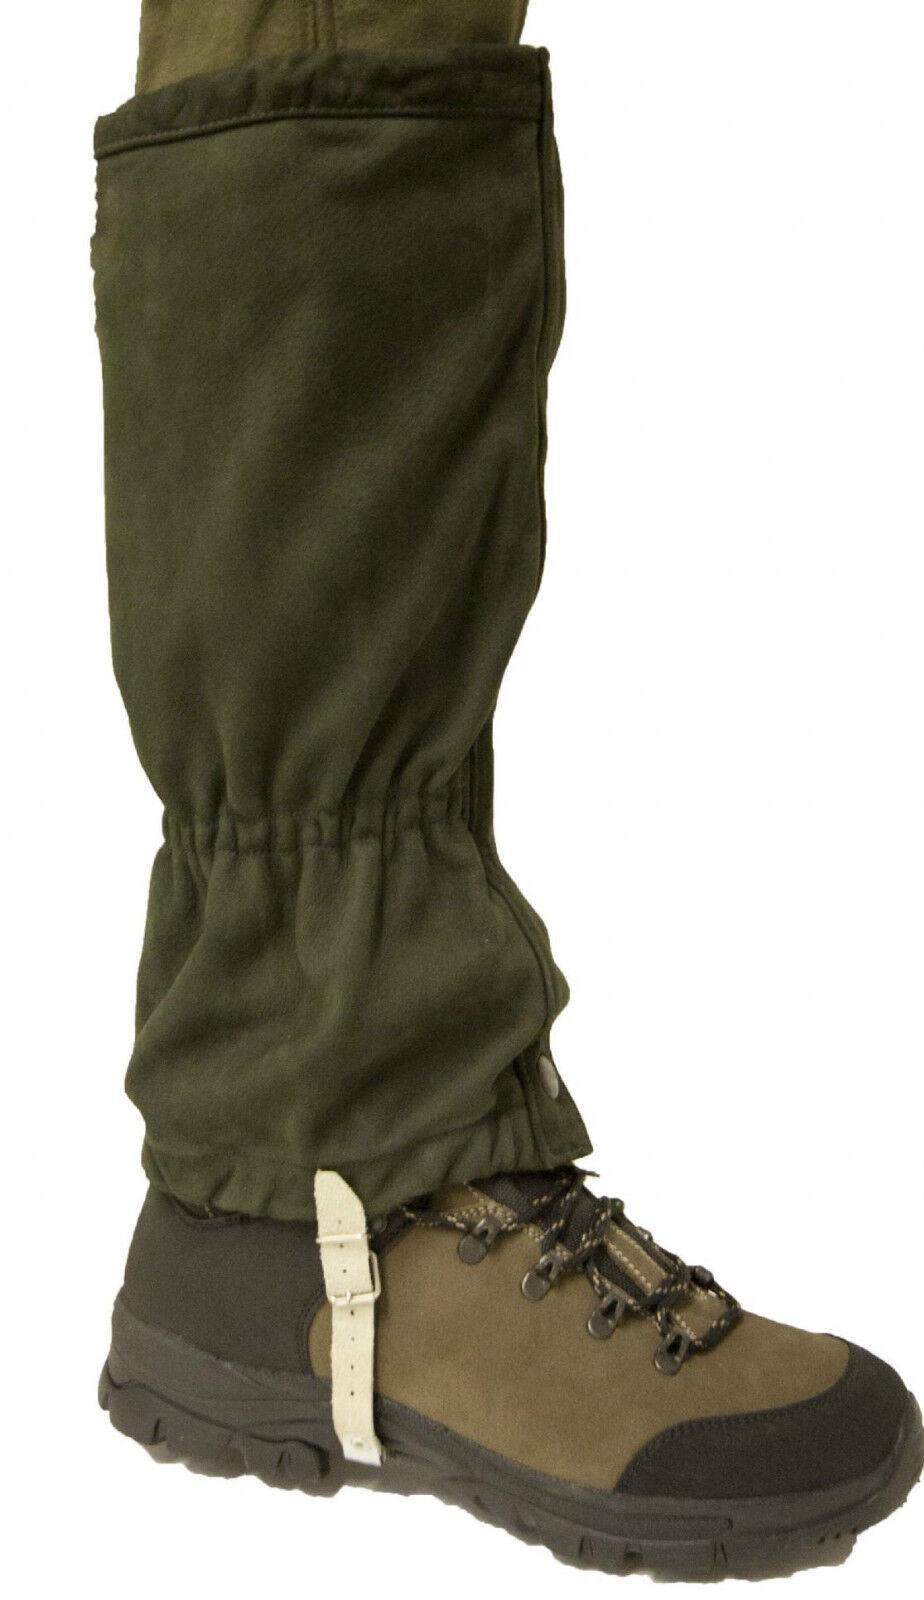 Bisley In Pelle Da Passeggio Escursioni SHOOTING CACCIA OUTDOOR ghette